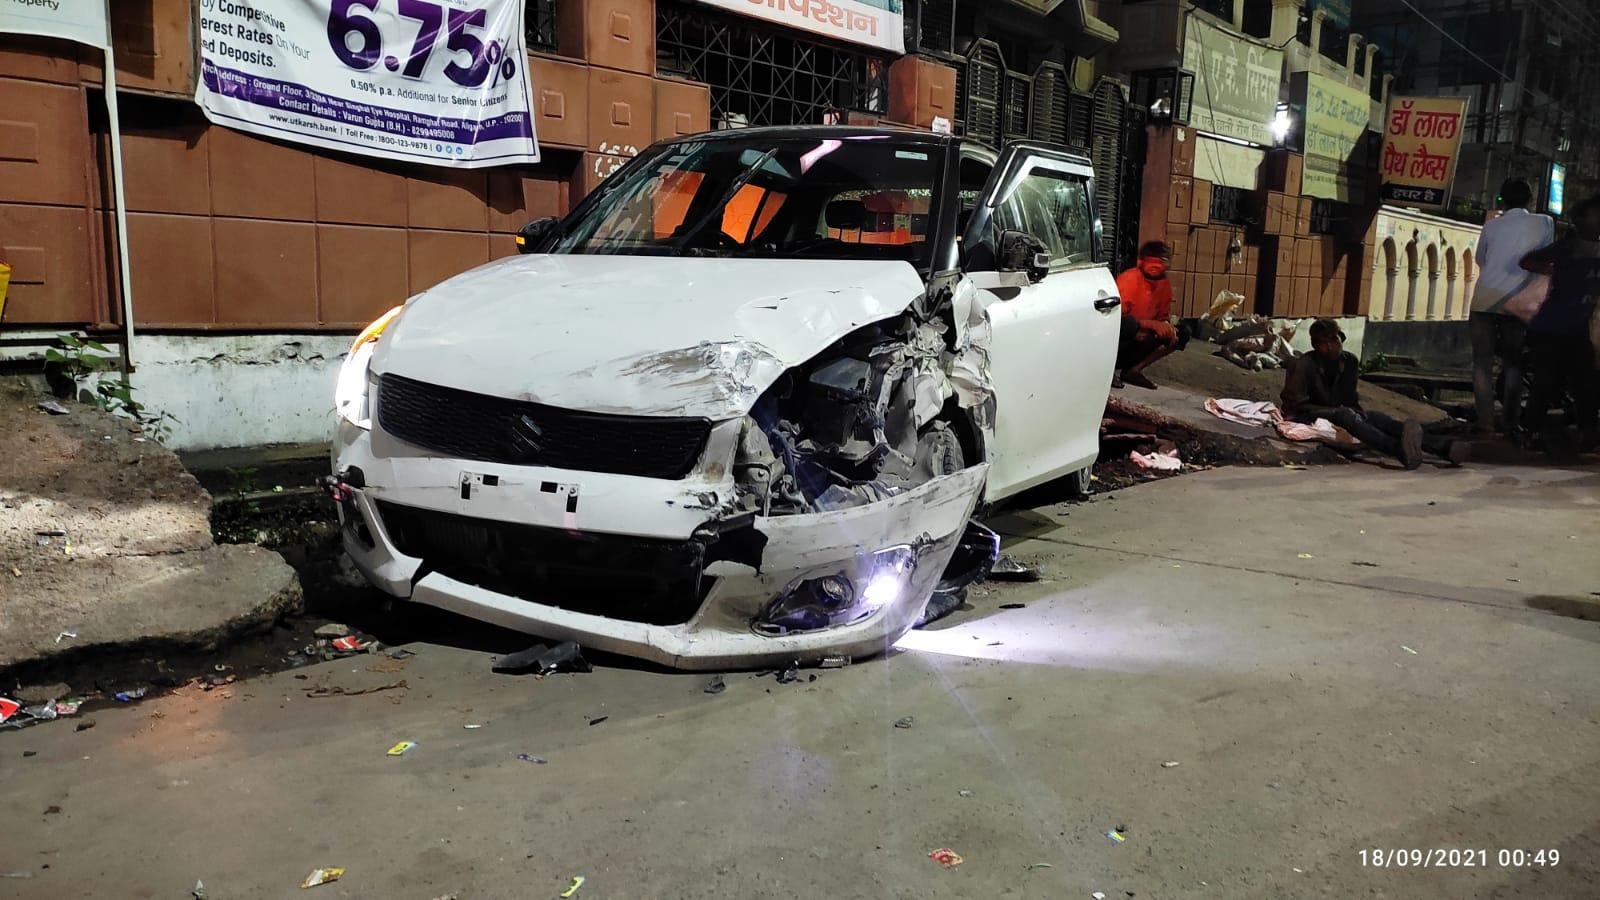 मीनाक्षी पुल से क्वार्सी की ओर जा रहा था कार सवार, पहले गाय व दो कारों में मारी टक्कर, फिर रिक्शा चालक पर चढ़ाई कार अलीगढ़,Aligarh - Dainik Bhaskar